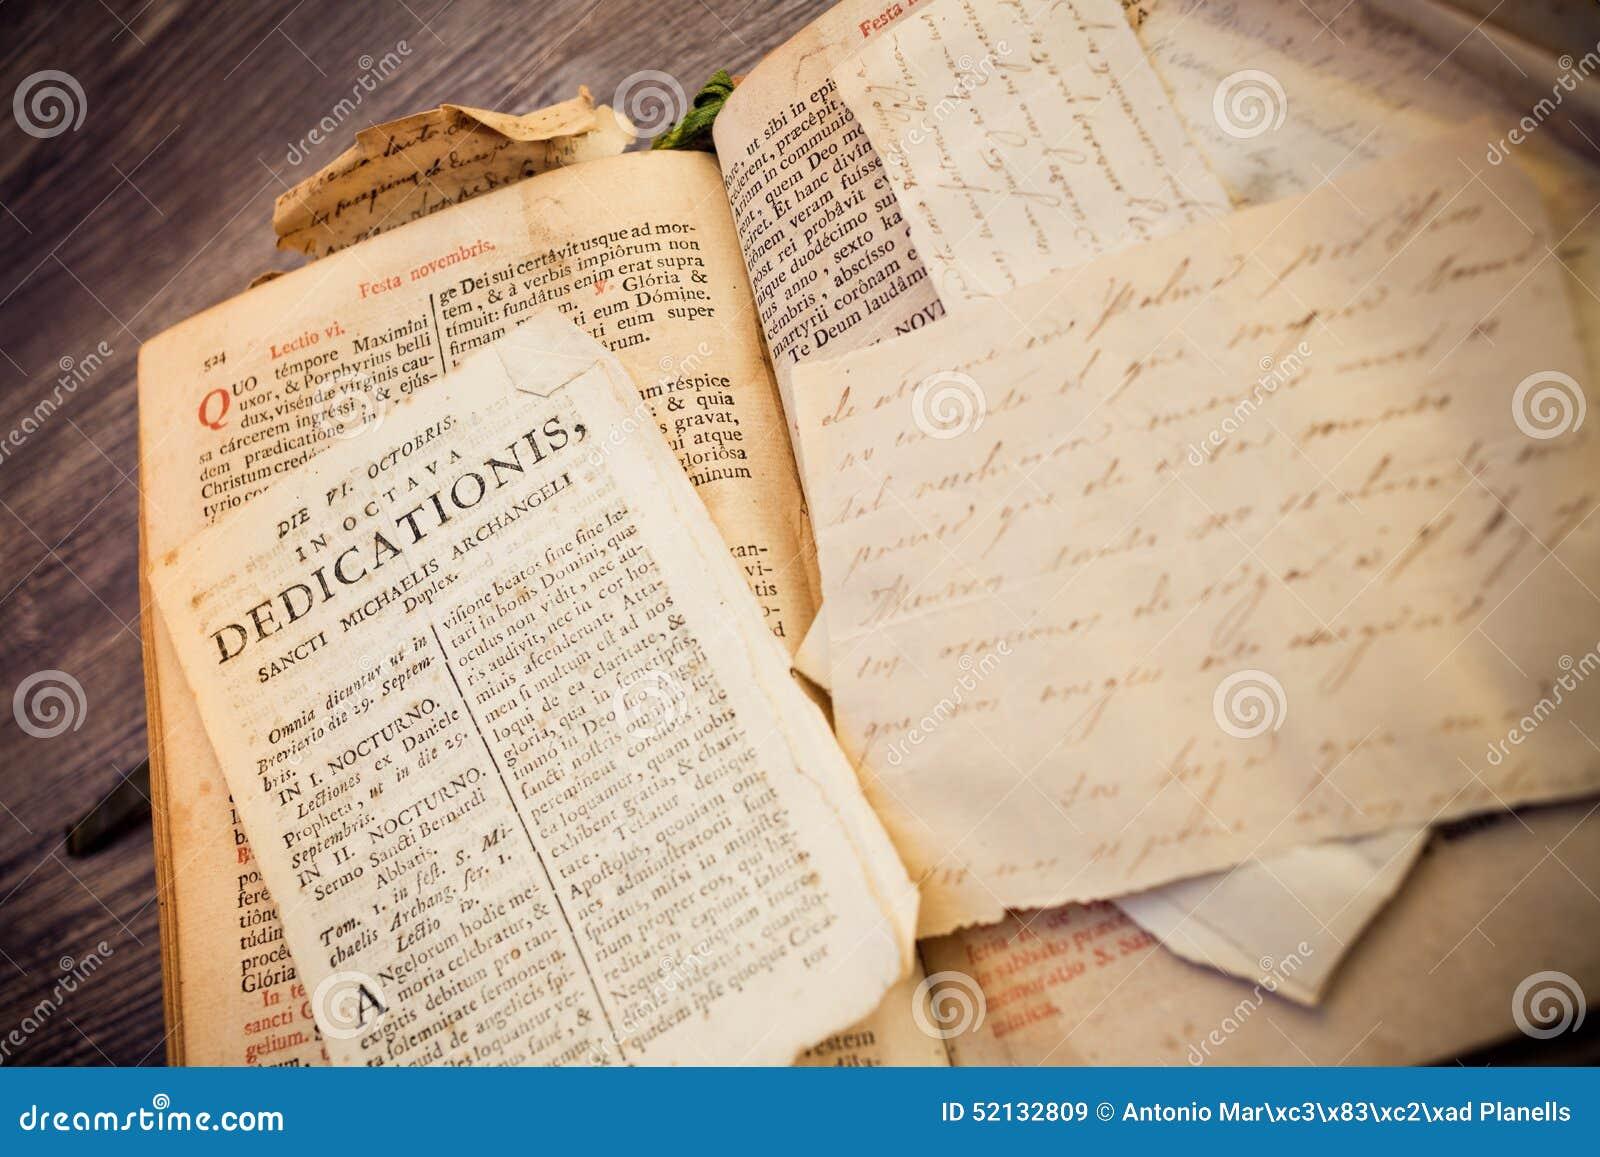 Религиозная каллиграфия от книги 300 лет старой римской в латинском языке